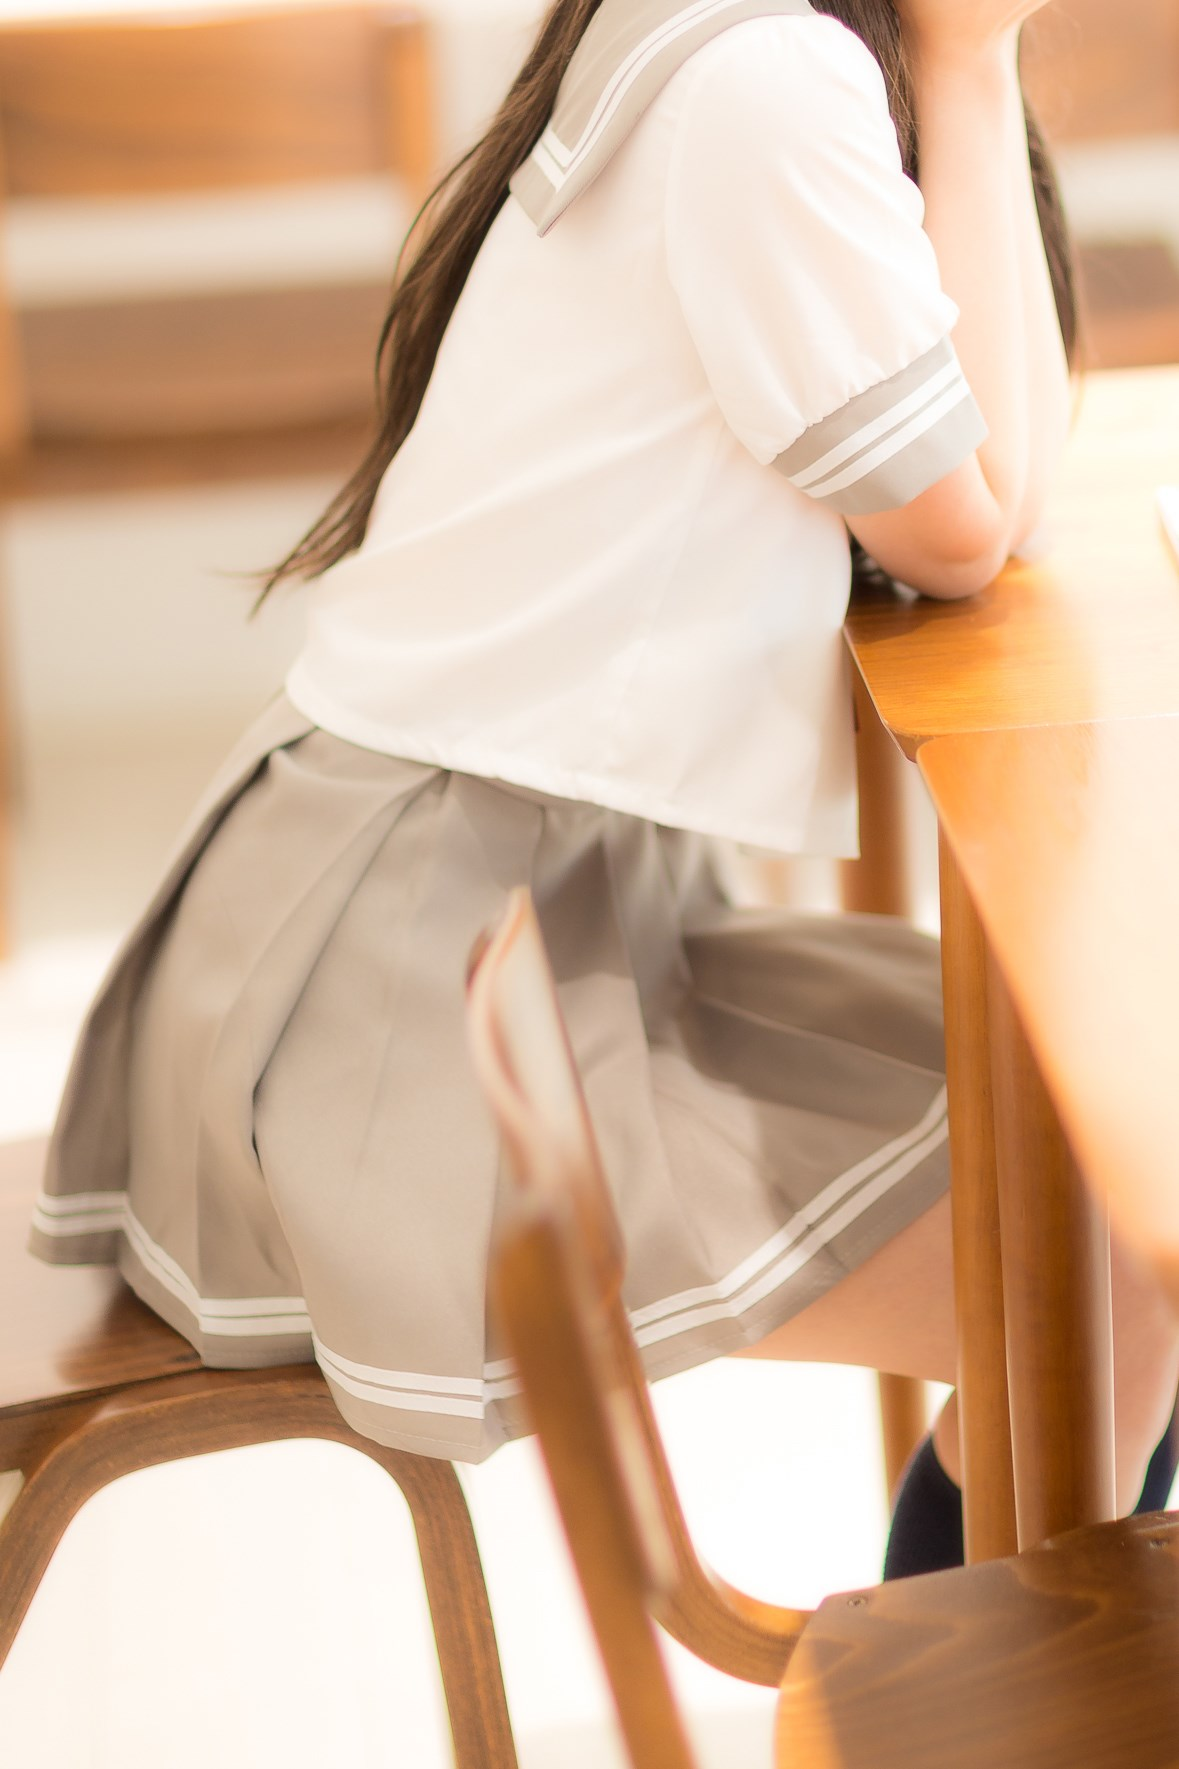 【兔玩映画】果腿的水手服 兔玩映画 第22张